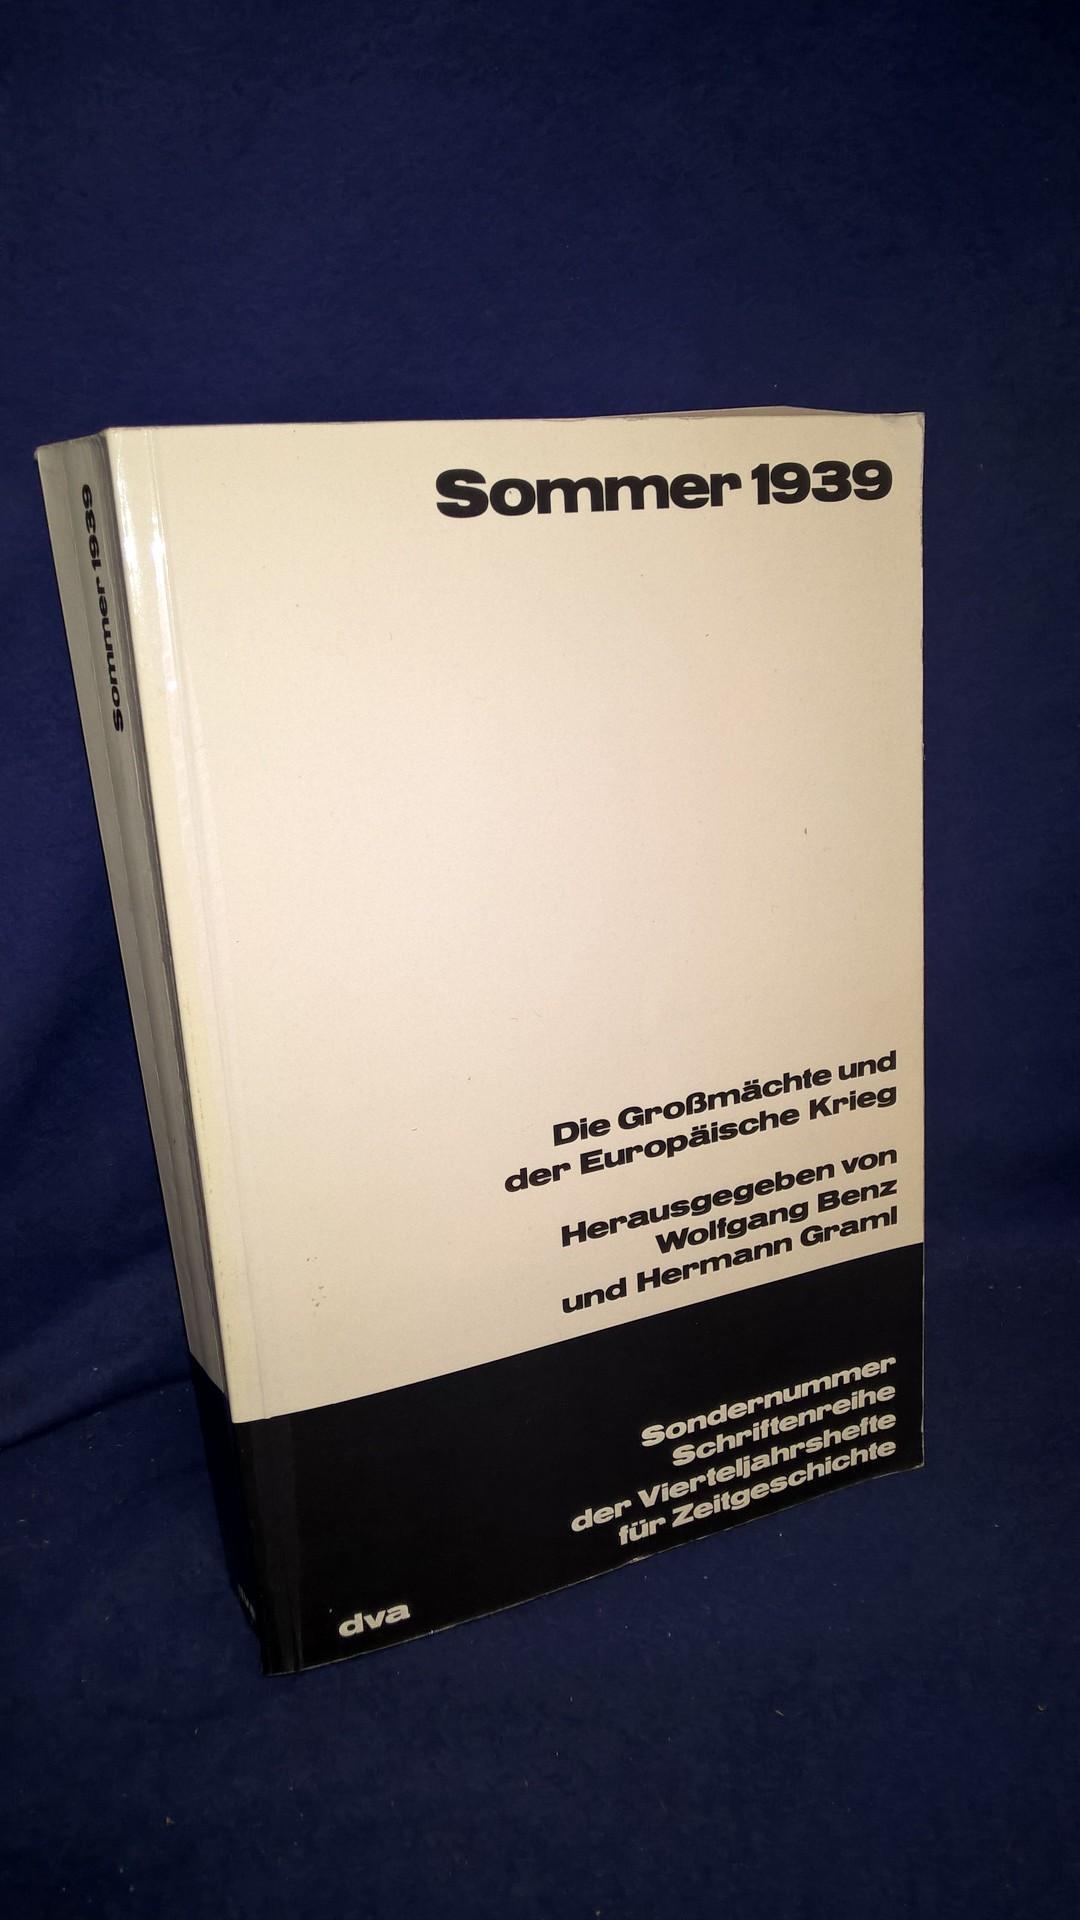 Sommer 1939 - Die Großmächte und der Europäische Krieg